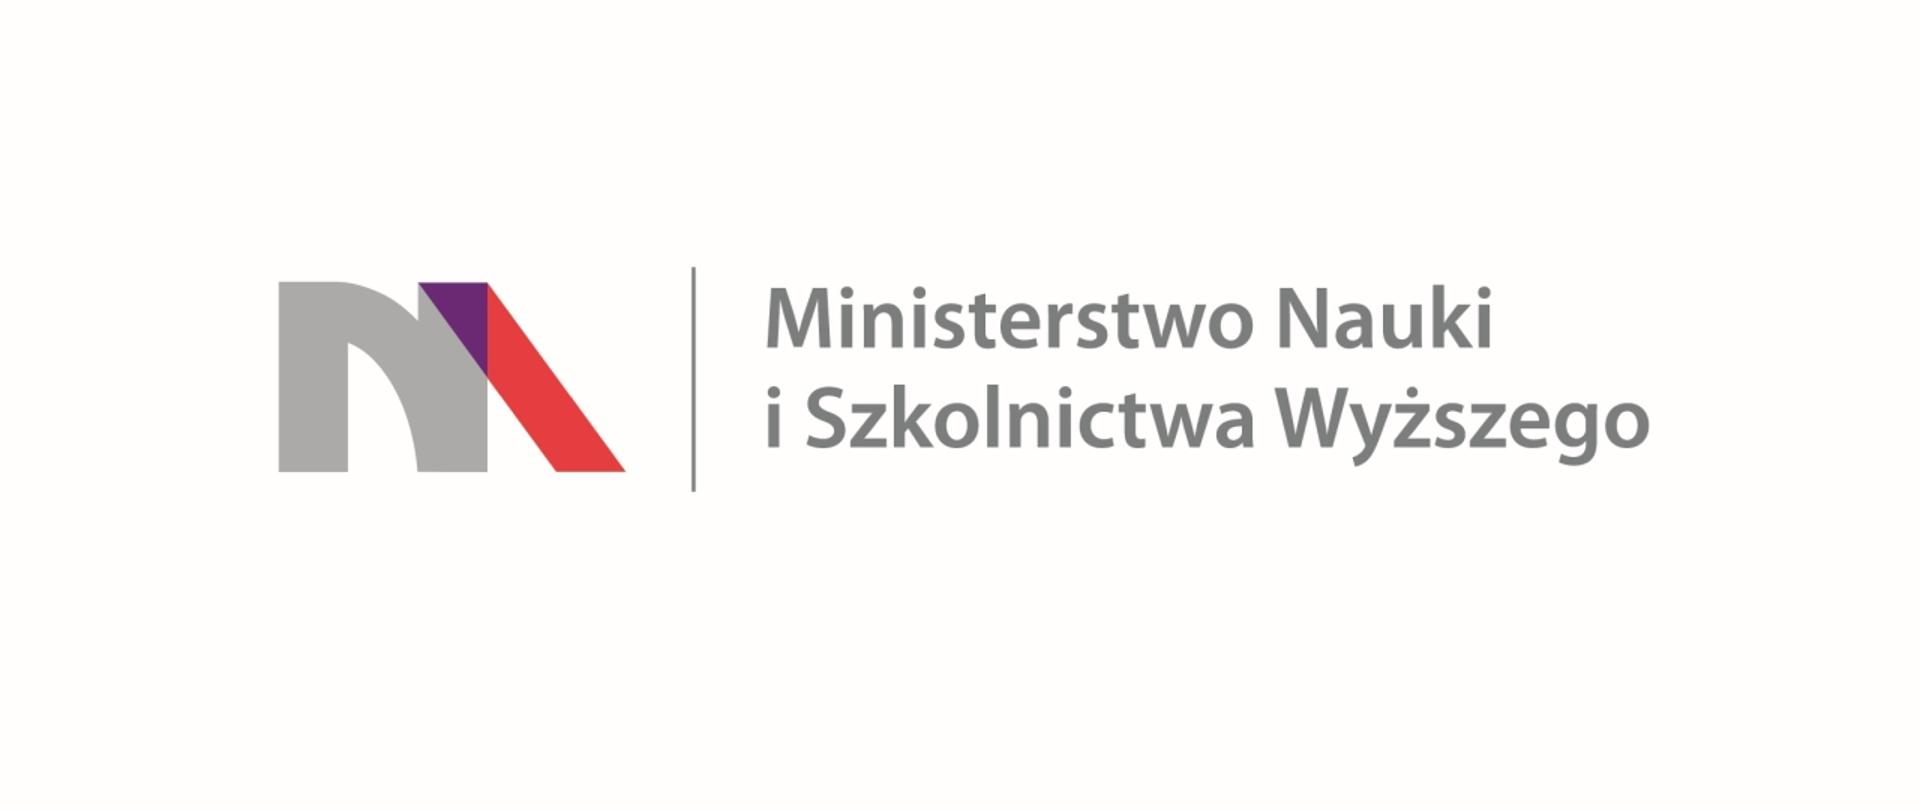 Logo - Ministerstwo Nauki i Szkolnictwa Wyższego